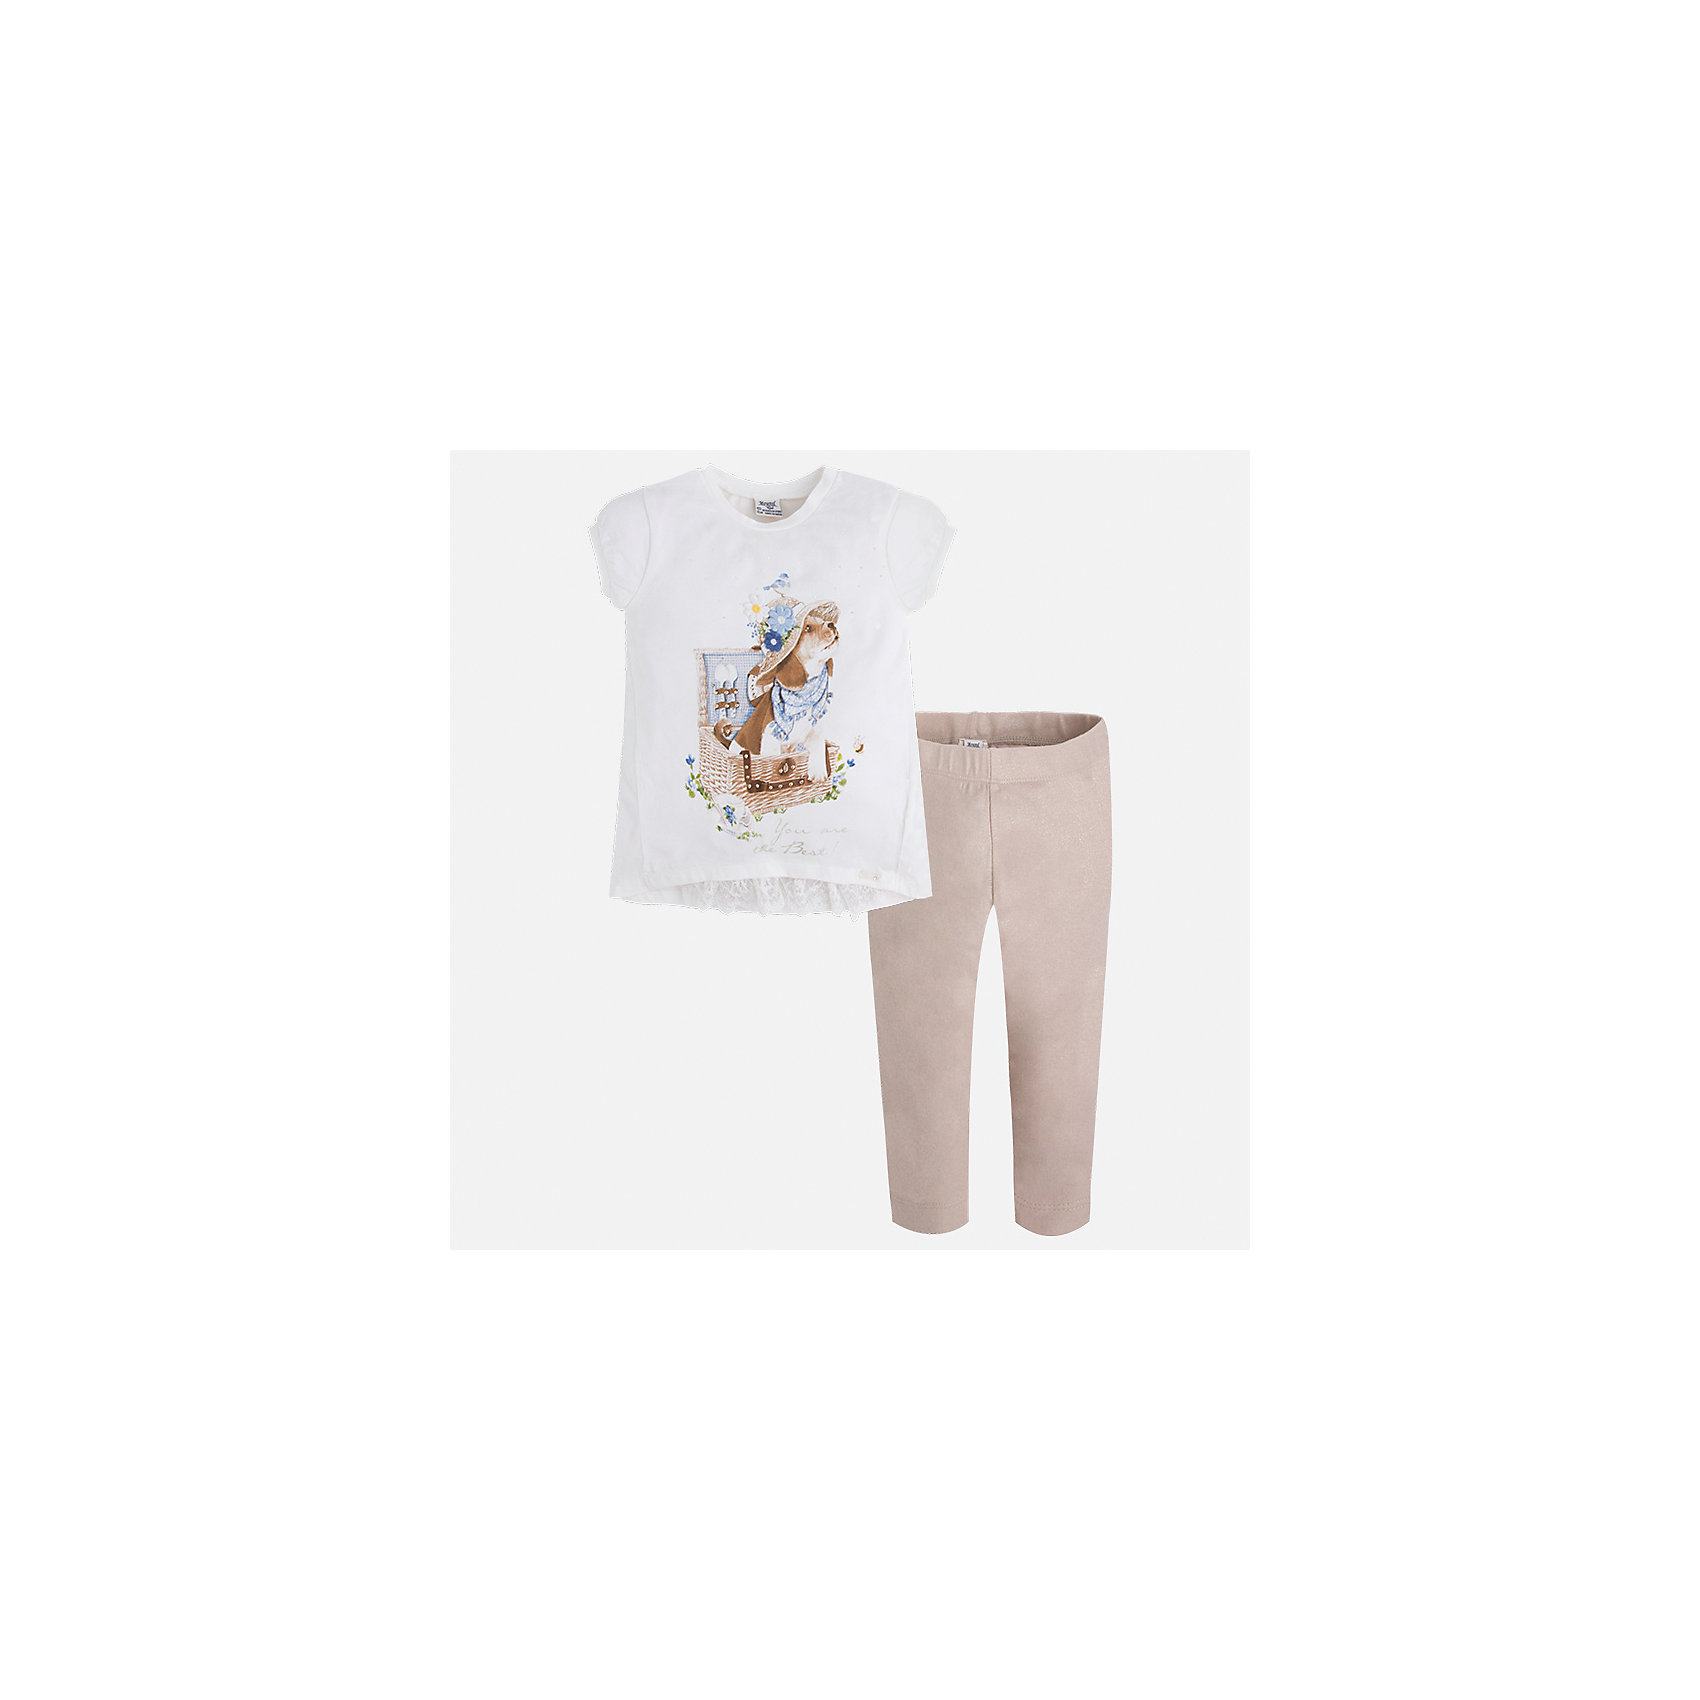 Комплект: футбола с длинным рукавом и леггинсы для девочки MayoralКомплекты<br>Характеристики товара:<br><br>• цвет: белый/бежевый<br>• состав: 95% хлопок, 5% эластан<br>• комплектация: футболка, леггинсы<br>• футболка декорирована принтом<br>• леггинсы однотонные<br>• пояс на резинке<br>• страна бренда: Испания<br><br>Стильный качественный комплект для девочки поможет разнообразить гардероб ребенка и удобно одеться в теплую погоду. Он отлично сочетается с другими предметами. Универсальный цвет позволяет подобрать к вещам верхнюю одежду практически любой расцветки. Интересная отделка модели делает её нарядной и оригинальной. В составе материала - натуральный хлопок, гипоаллергенный, приятный на ощупь, дышащий.<br><br>Одежда, обувь и аксессуары от испанского бренда Mayoral полюбились детям и взрослым по всему миру. Модели этой марки - стильные и удобные. Для их производства используются только безопасные, качественные материалы и фурнитура. Порадуйте ребенка модными и красивыми вещами от Mayoral! <br><br>Комплект для девочки от испанского бренда Mayoral (Майорал) можно купить в нашем интернет-магазине.<br><br>Ширина мм: 123<br>Глубина мм: 10<br>Высота мм: 149<br>Вес г: 209<br>Цвет: бежевый<br>Возраст от месяцев: 96<br>Возраст до месяцев: 108<br>Пол: Женский<br>Возраст: Детский<br>Размер: 134,92,98,104,110,116,122,128<br>SKU: 5290631